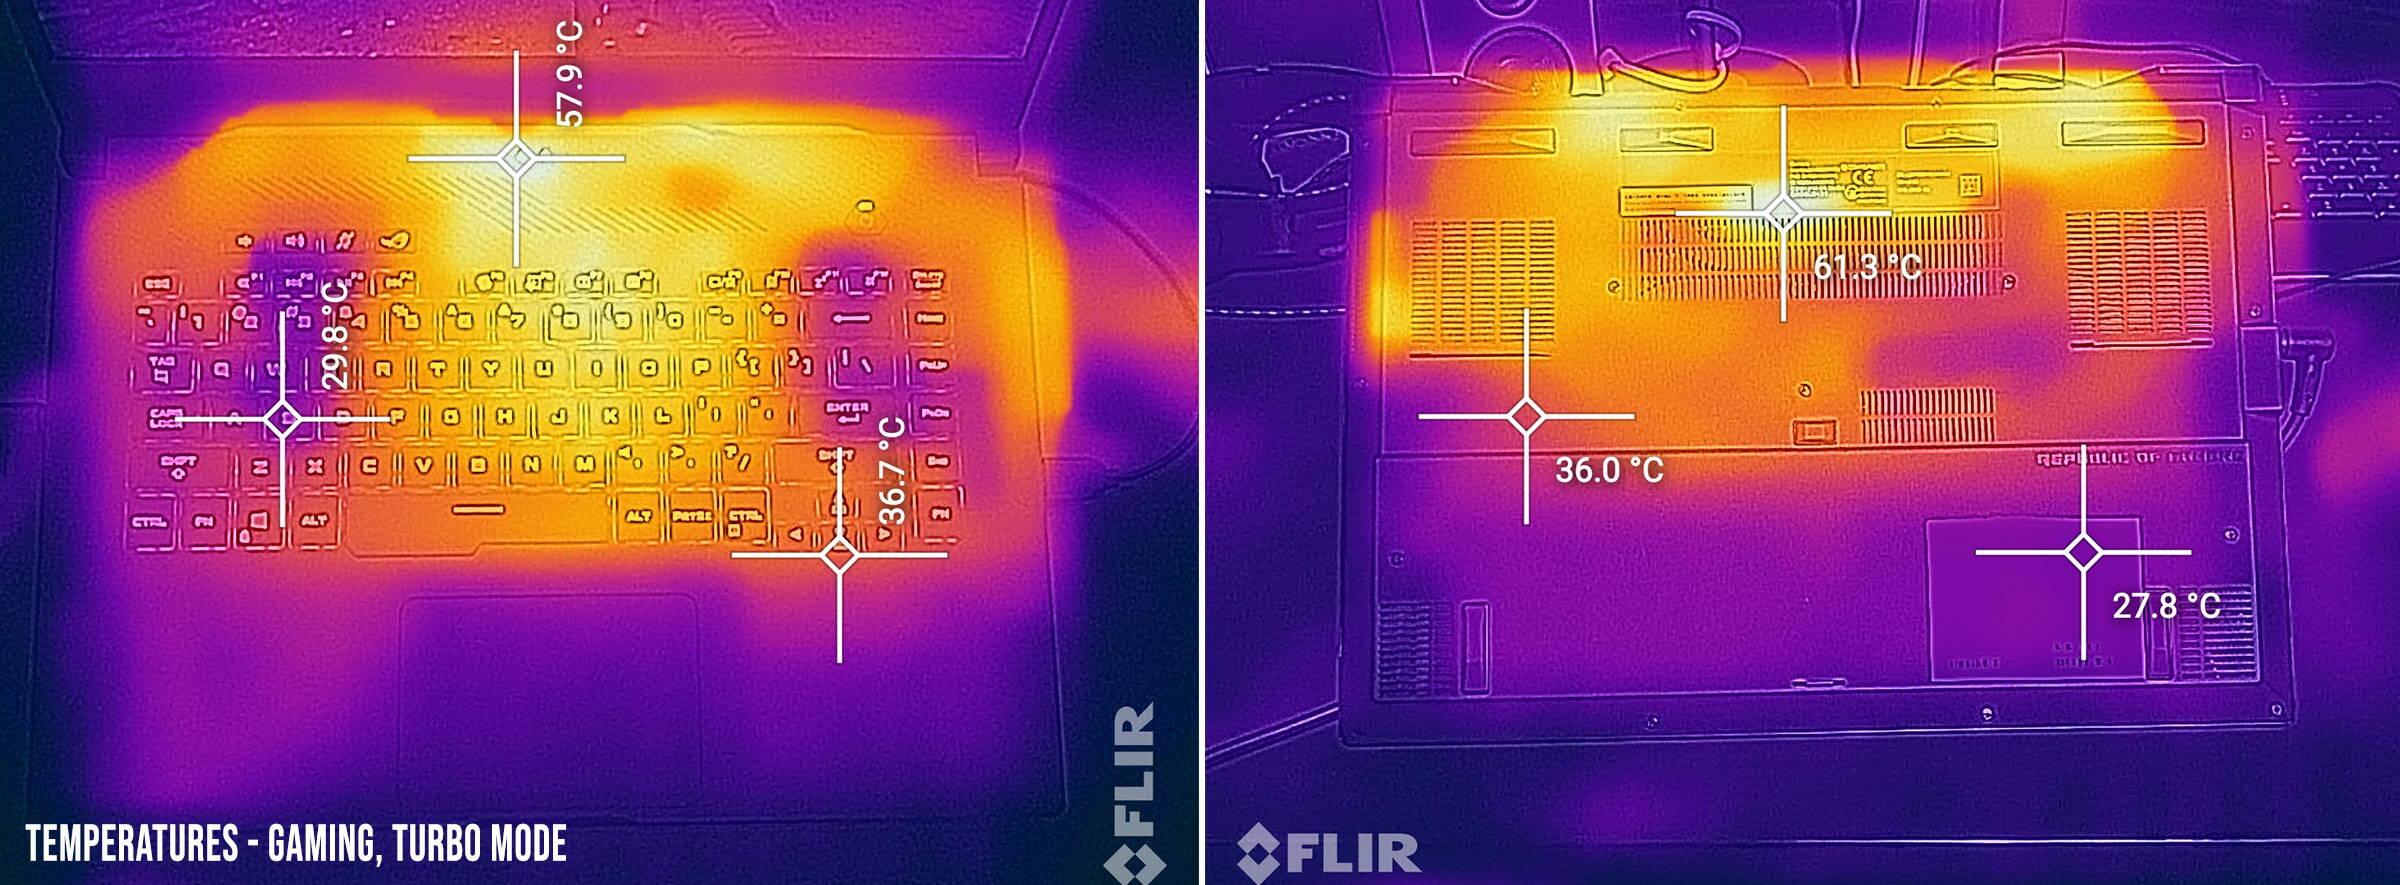 temperatures-zephyrusg15-gaming-turbo